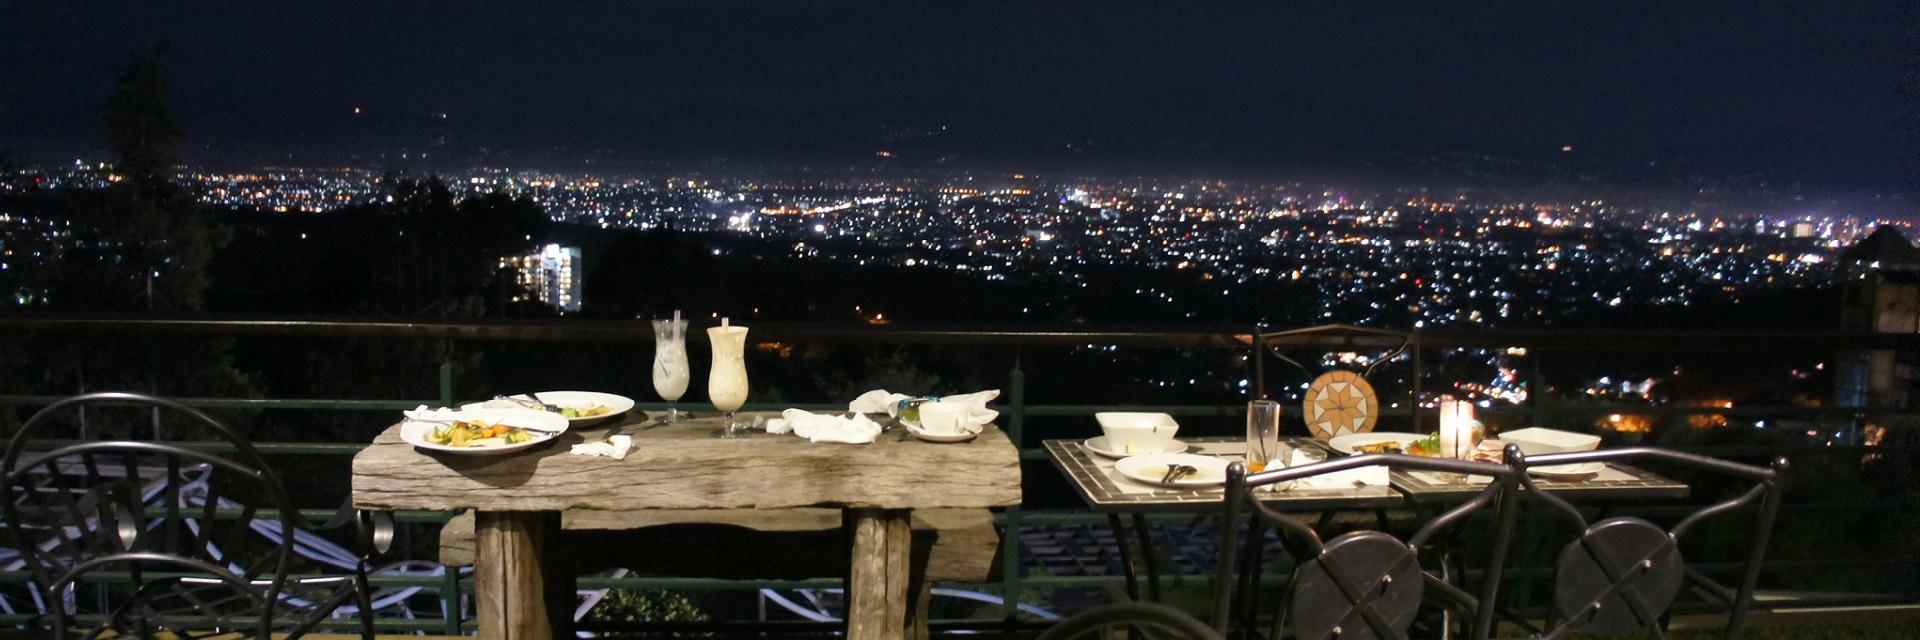 8 Kuliner Outdoor Keren yang Layak Dicoba di Bandung